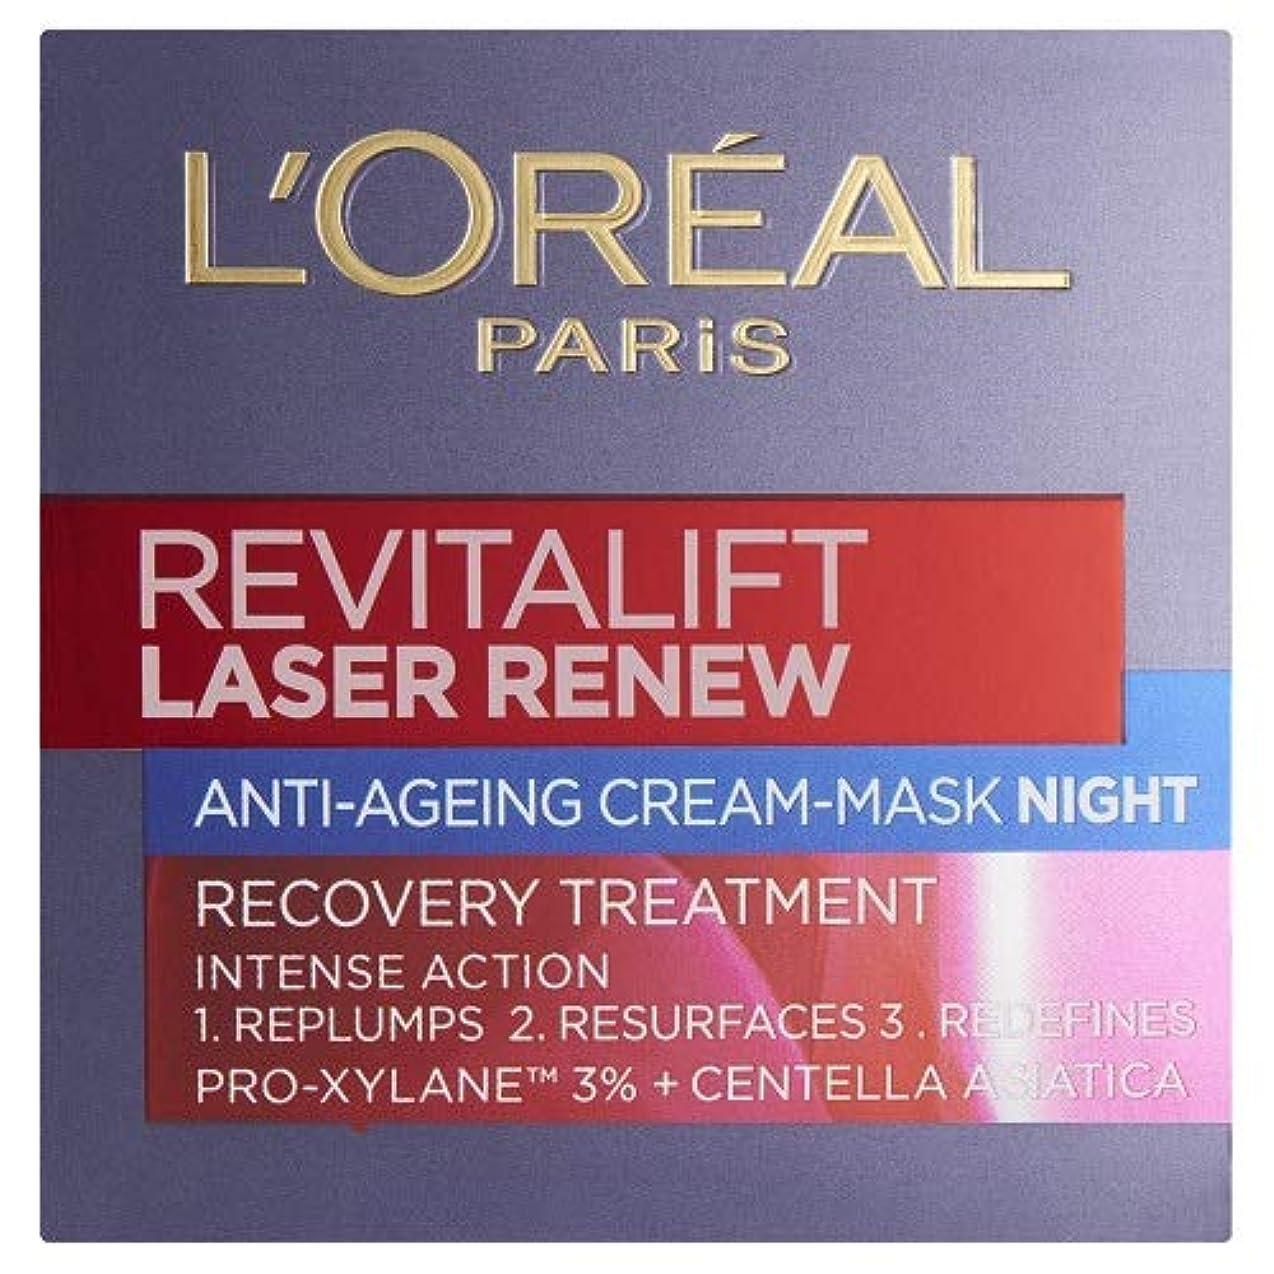 国籍びっくりした成功するL'Oreal Paris Revitalift Laser Renew Night Cream (50ml) パリrevitaliftレーザーはナイトクリームを更新l'オラ?ら( 50ミリリットル)